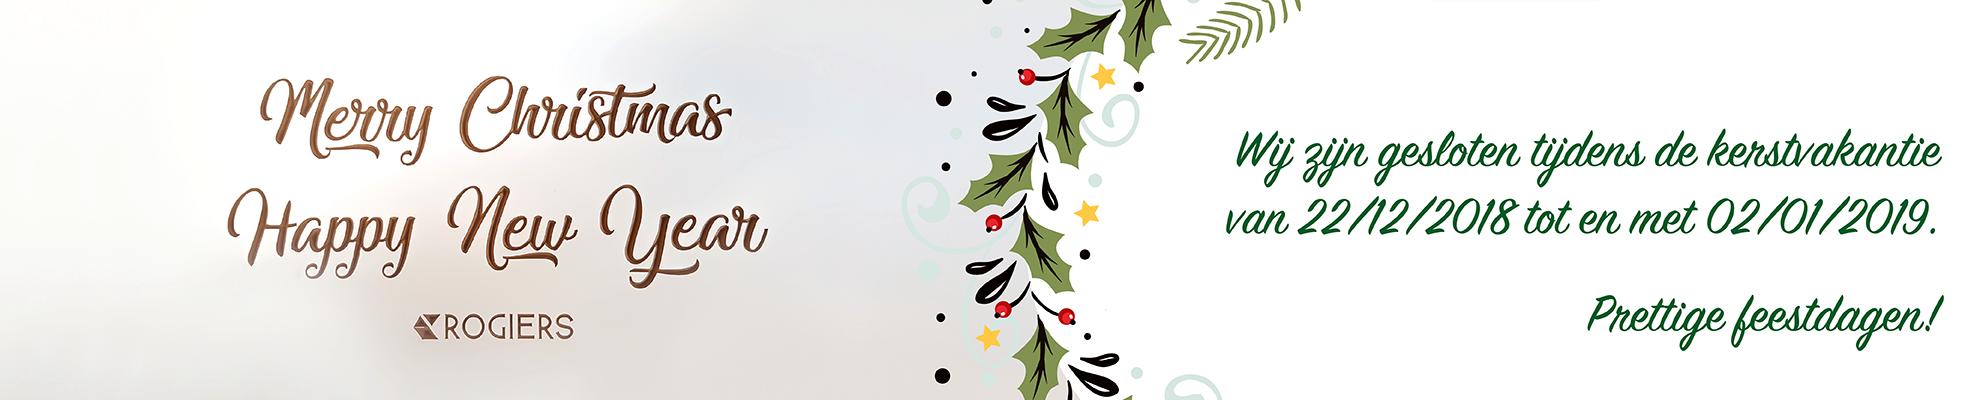 Banner Kerst NL.png